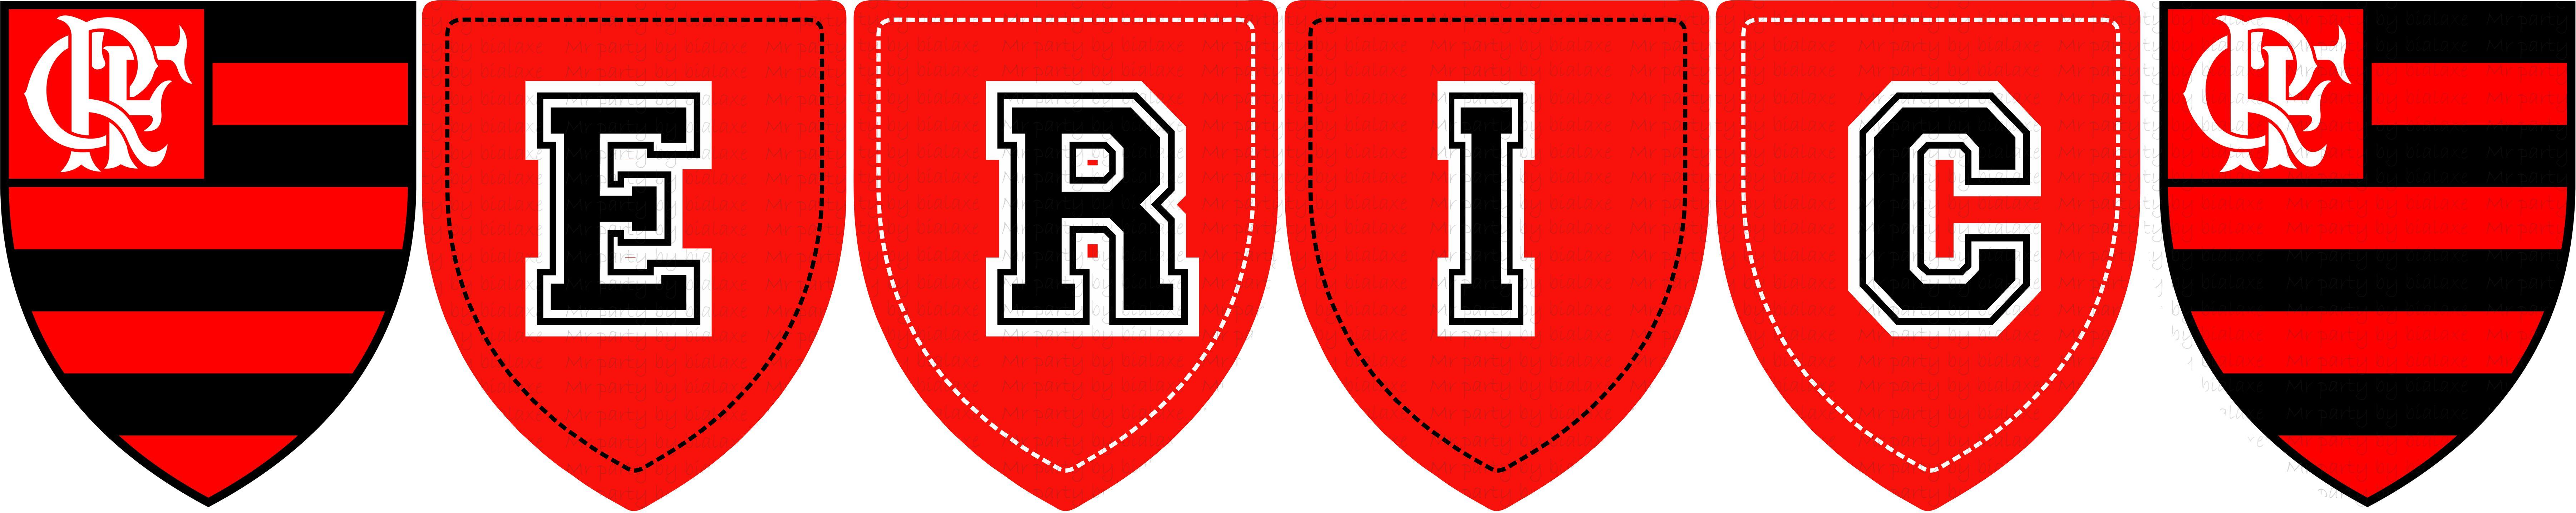 f6a93b58ac Bandeirolas do Flamengo